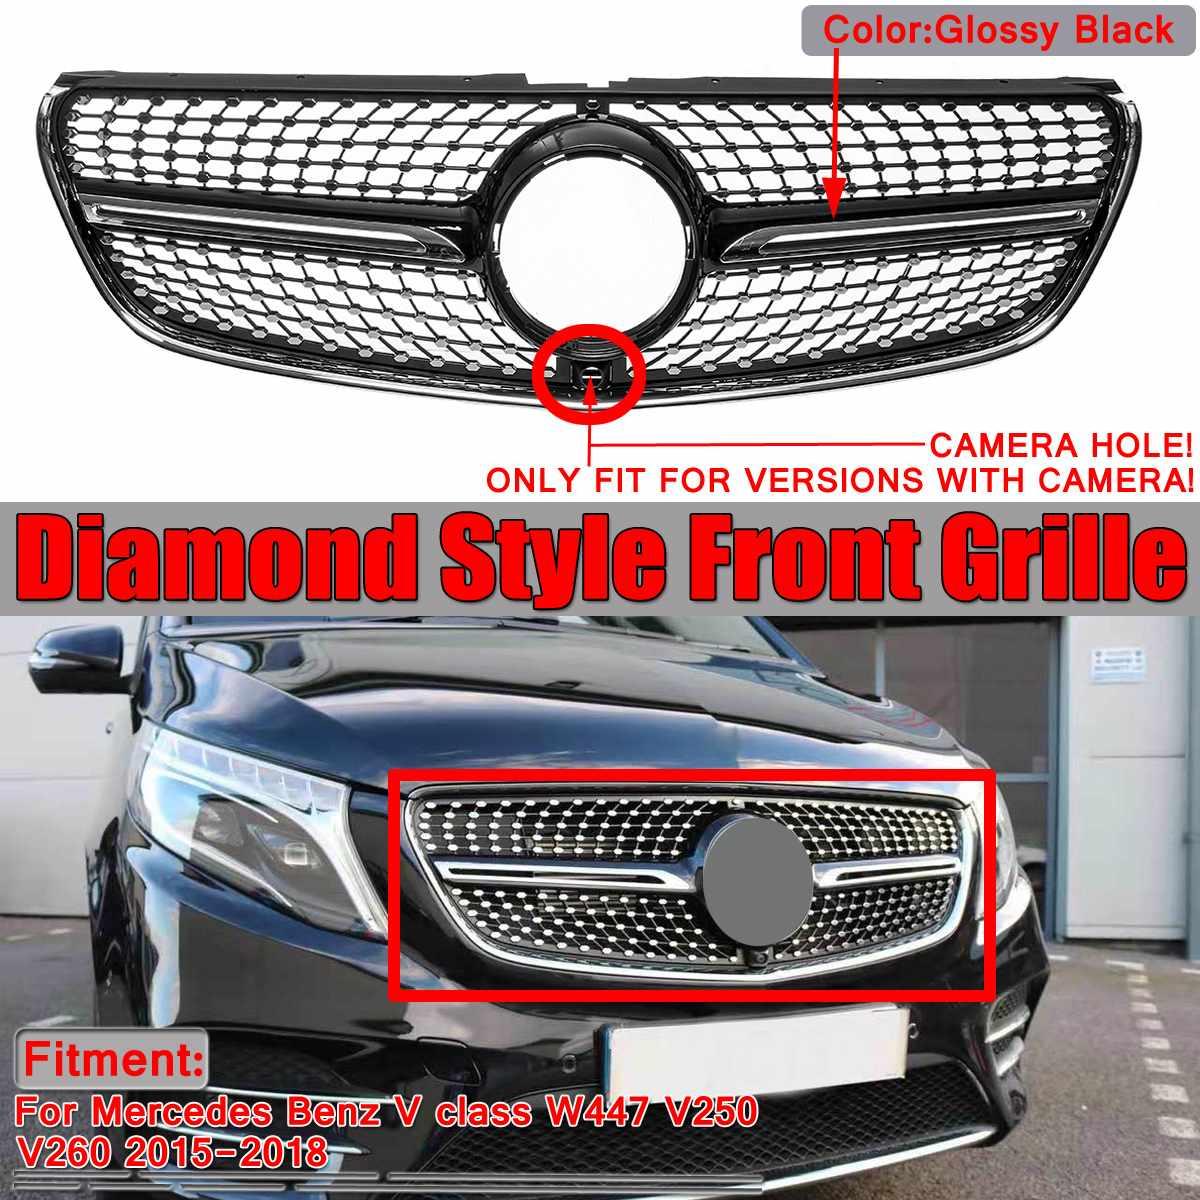 다이아몬드 그릴 메쉬 W447 벤츠 V 클래스 W447 V250 V260 2015-2018 블랙/크롬에 대 한 메르세데스에 대 한 카메라와 자동차 전면 그릴 그릴